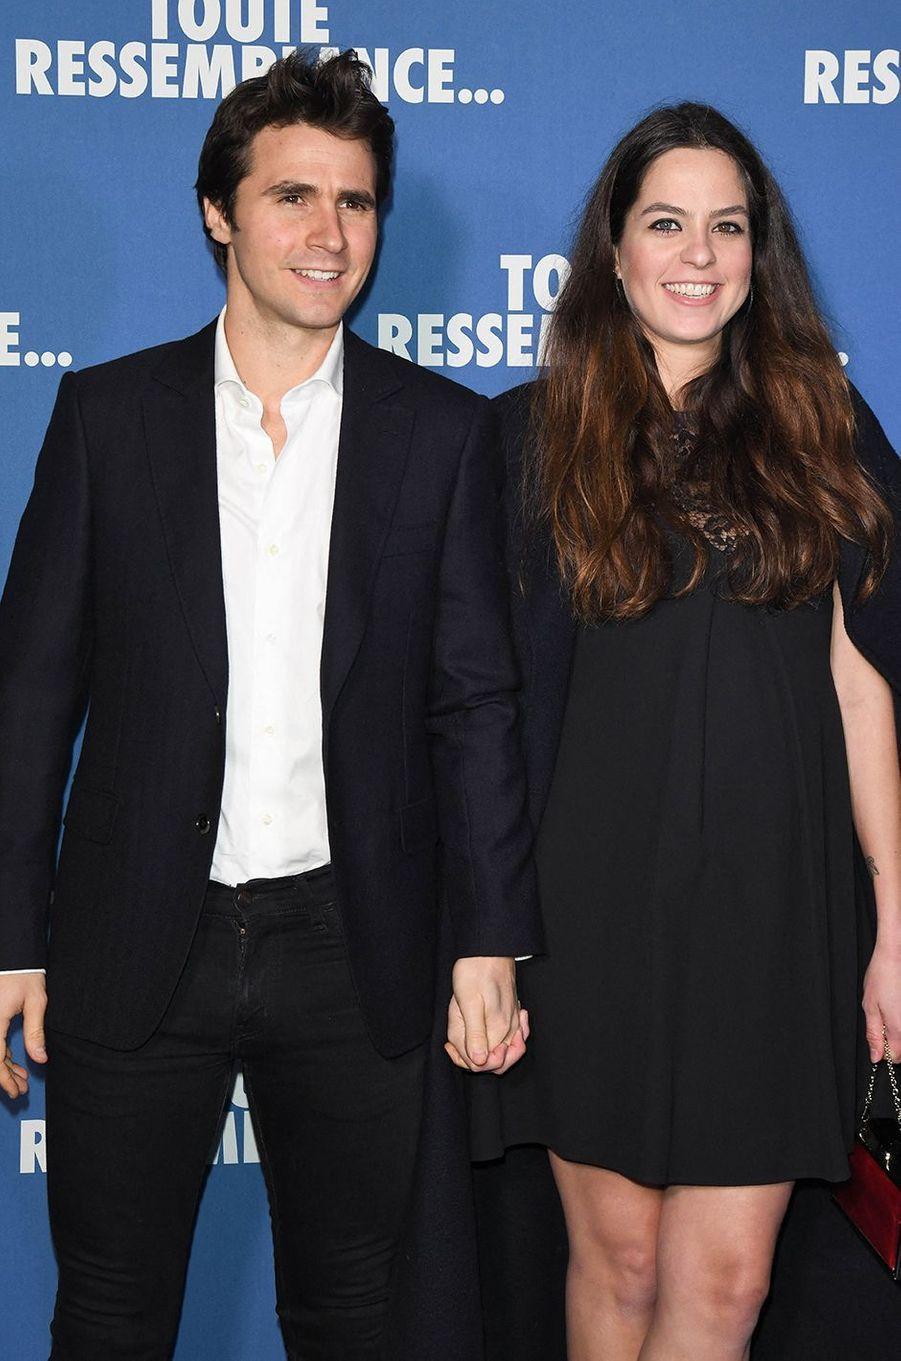 Julien Dereims et Anouchka Delon ont eu leur premier enfant, un petit garçon, en février 2020.